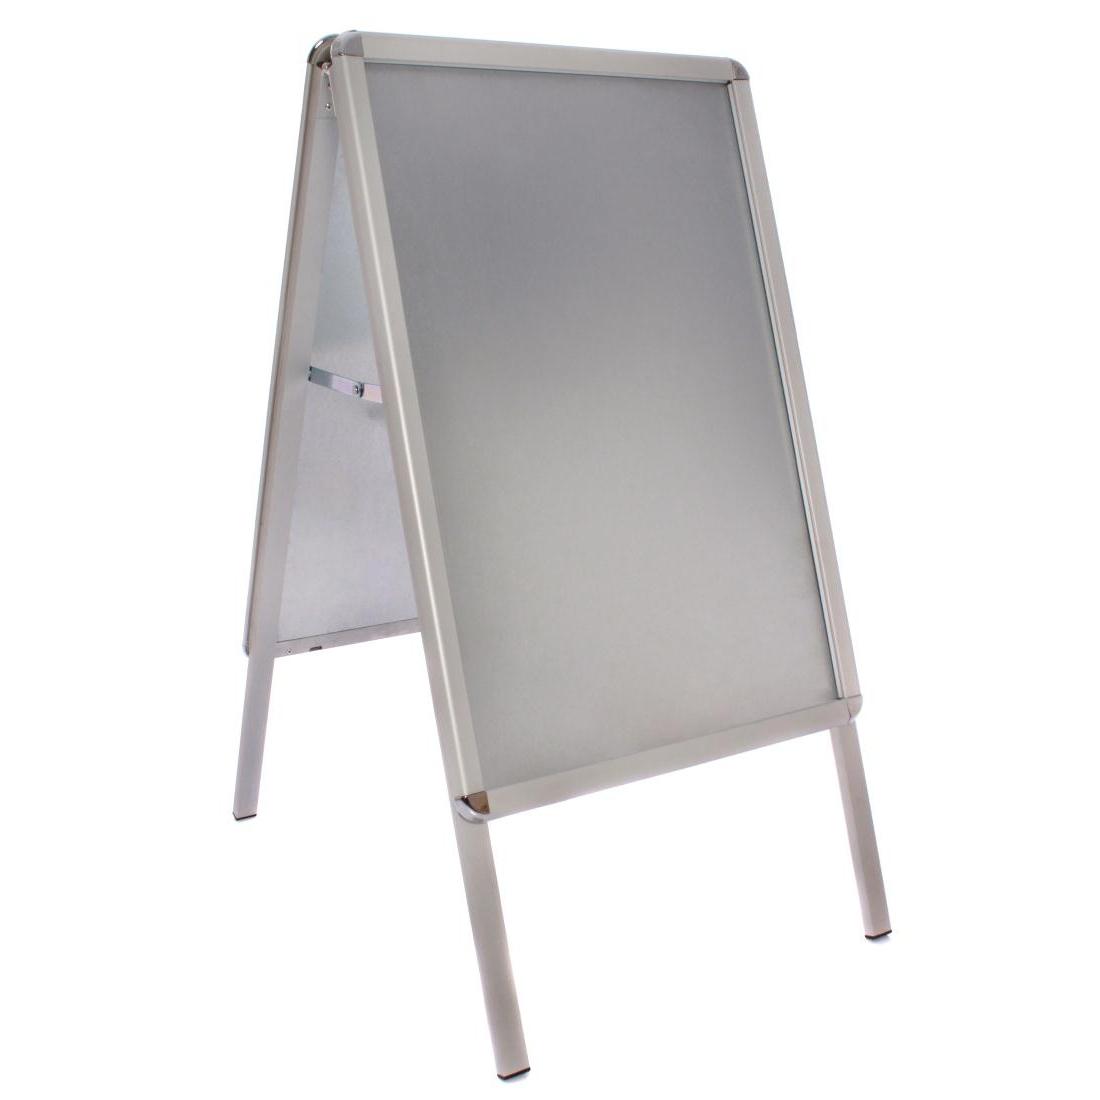 Panneau A2 aluminium 910(H)x 463(L)x 700(P)mm